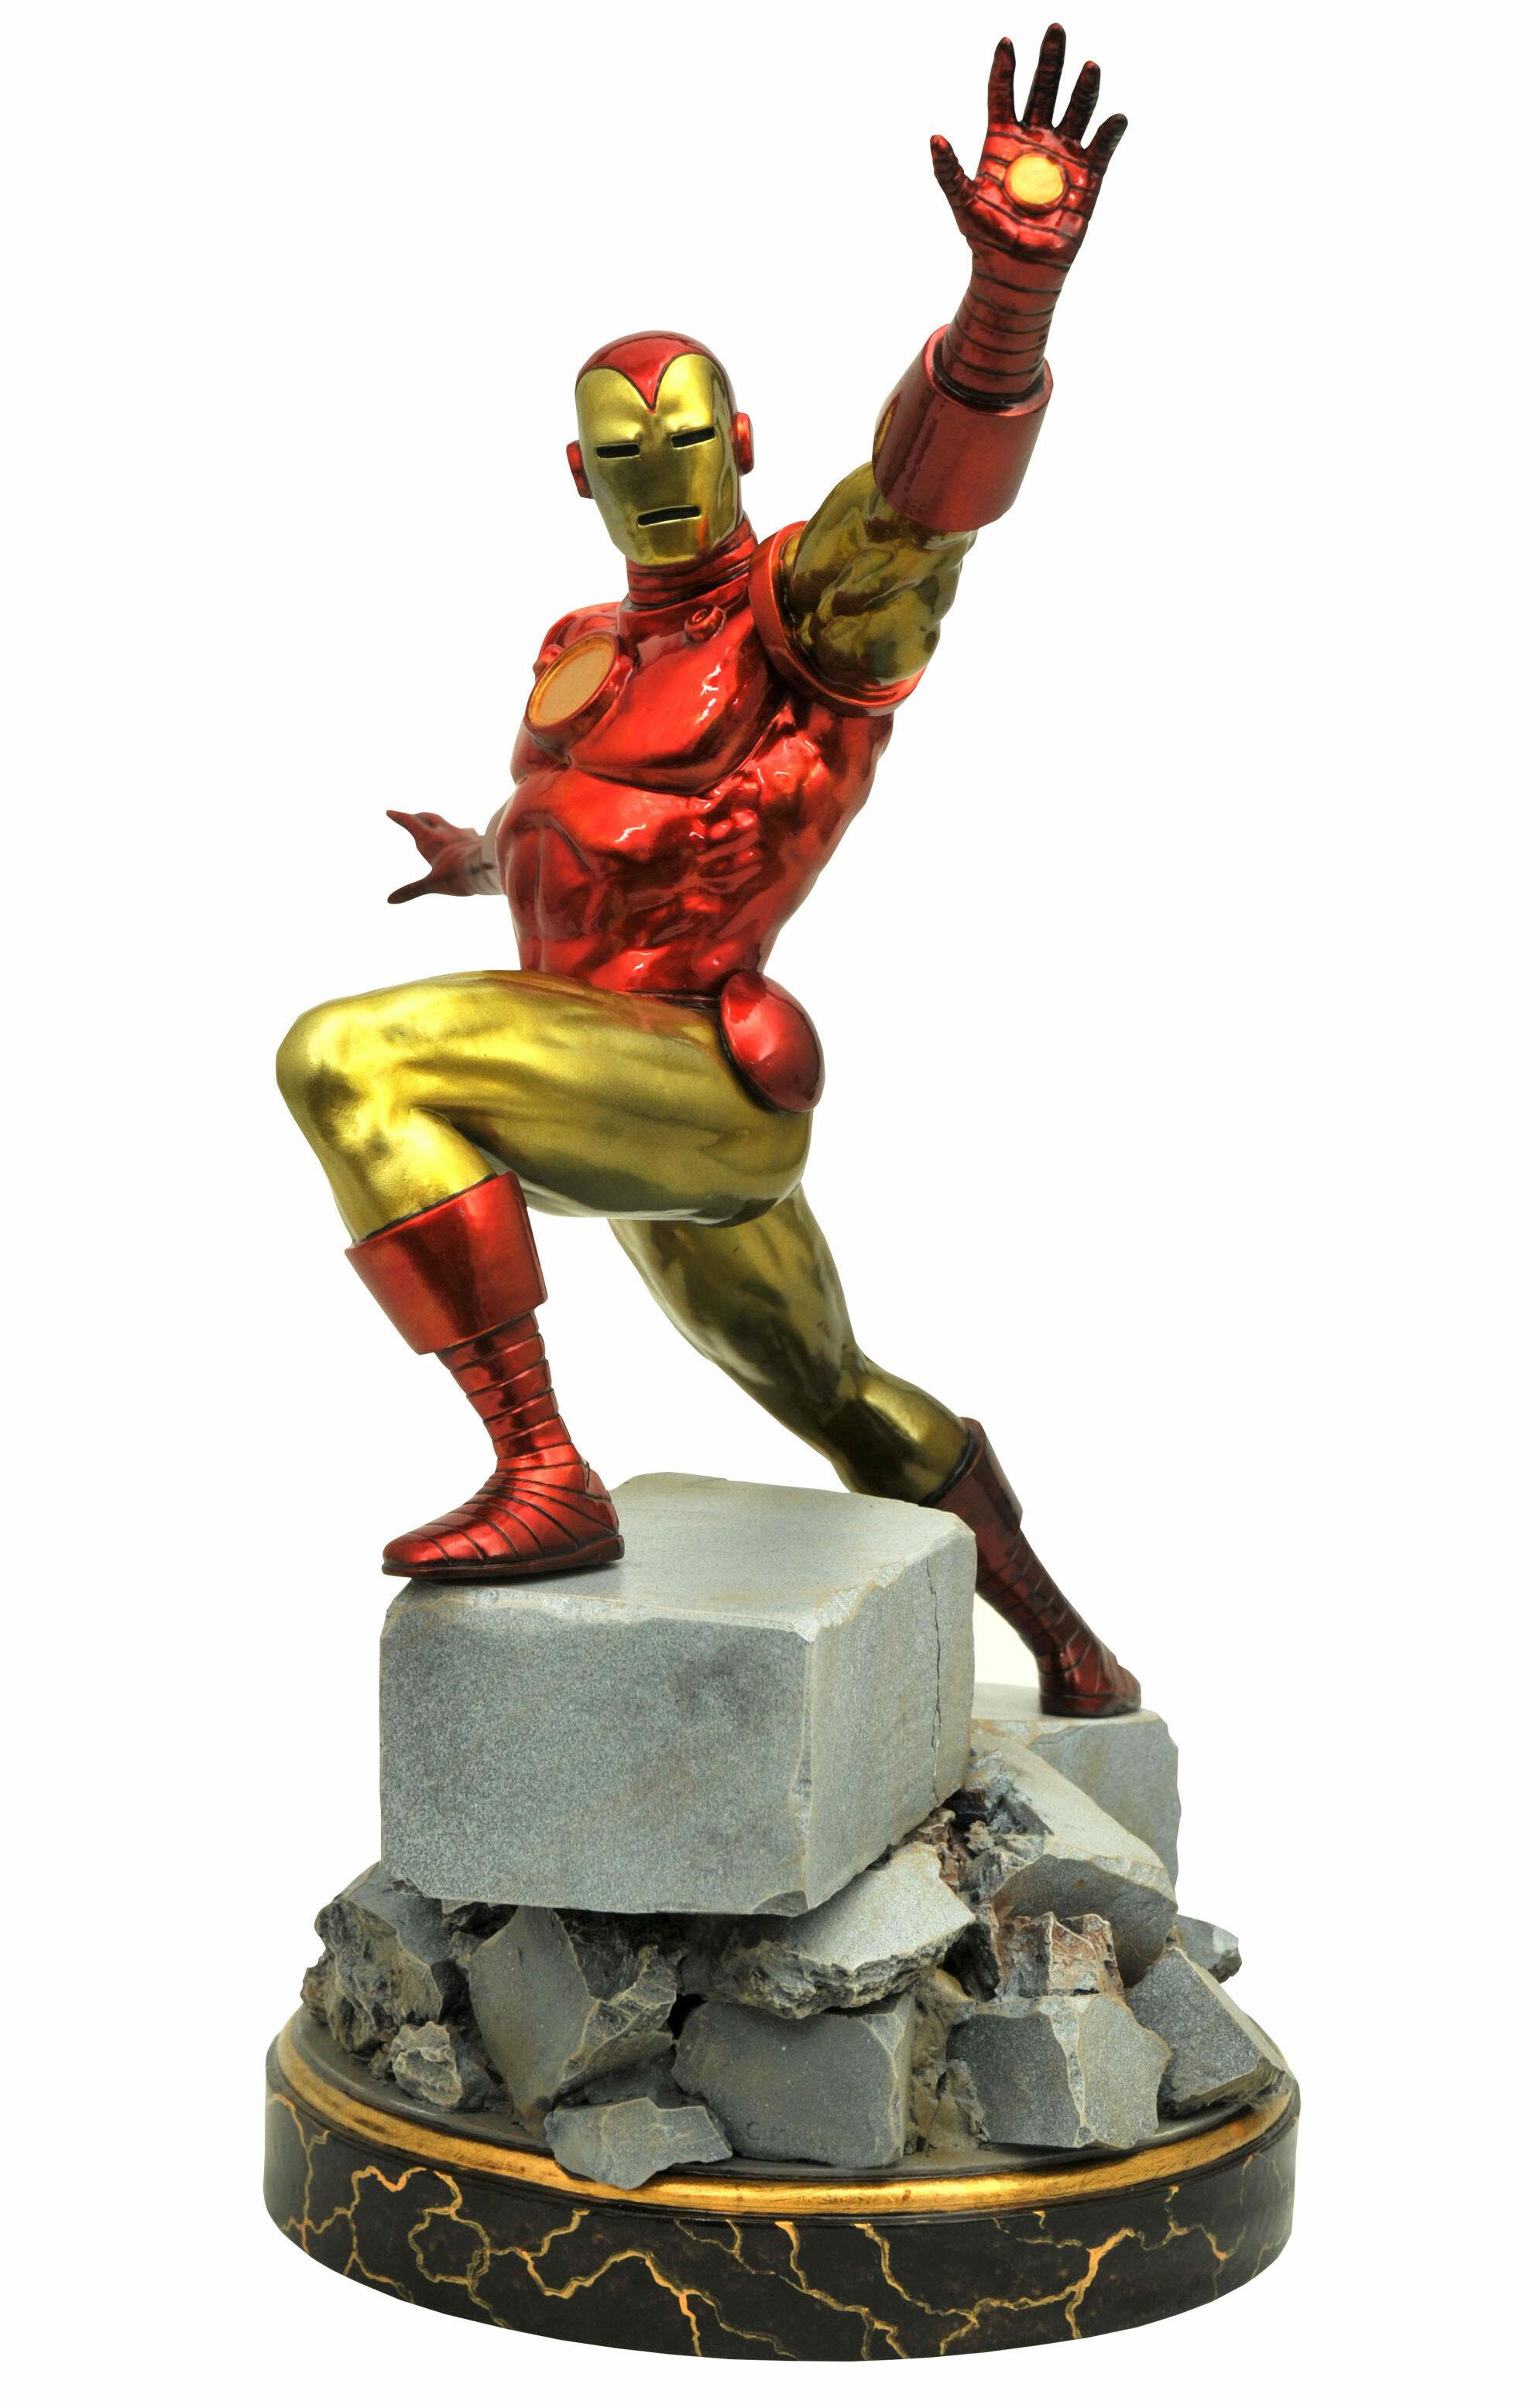 Diamond-Select-Toys-Iron-Man-Marvel-Premier-Collection-Statue-Classic-e1485452211608.jpg.4e6ba6a0648dd439649de1b3a4439205.jpg